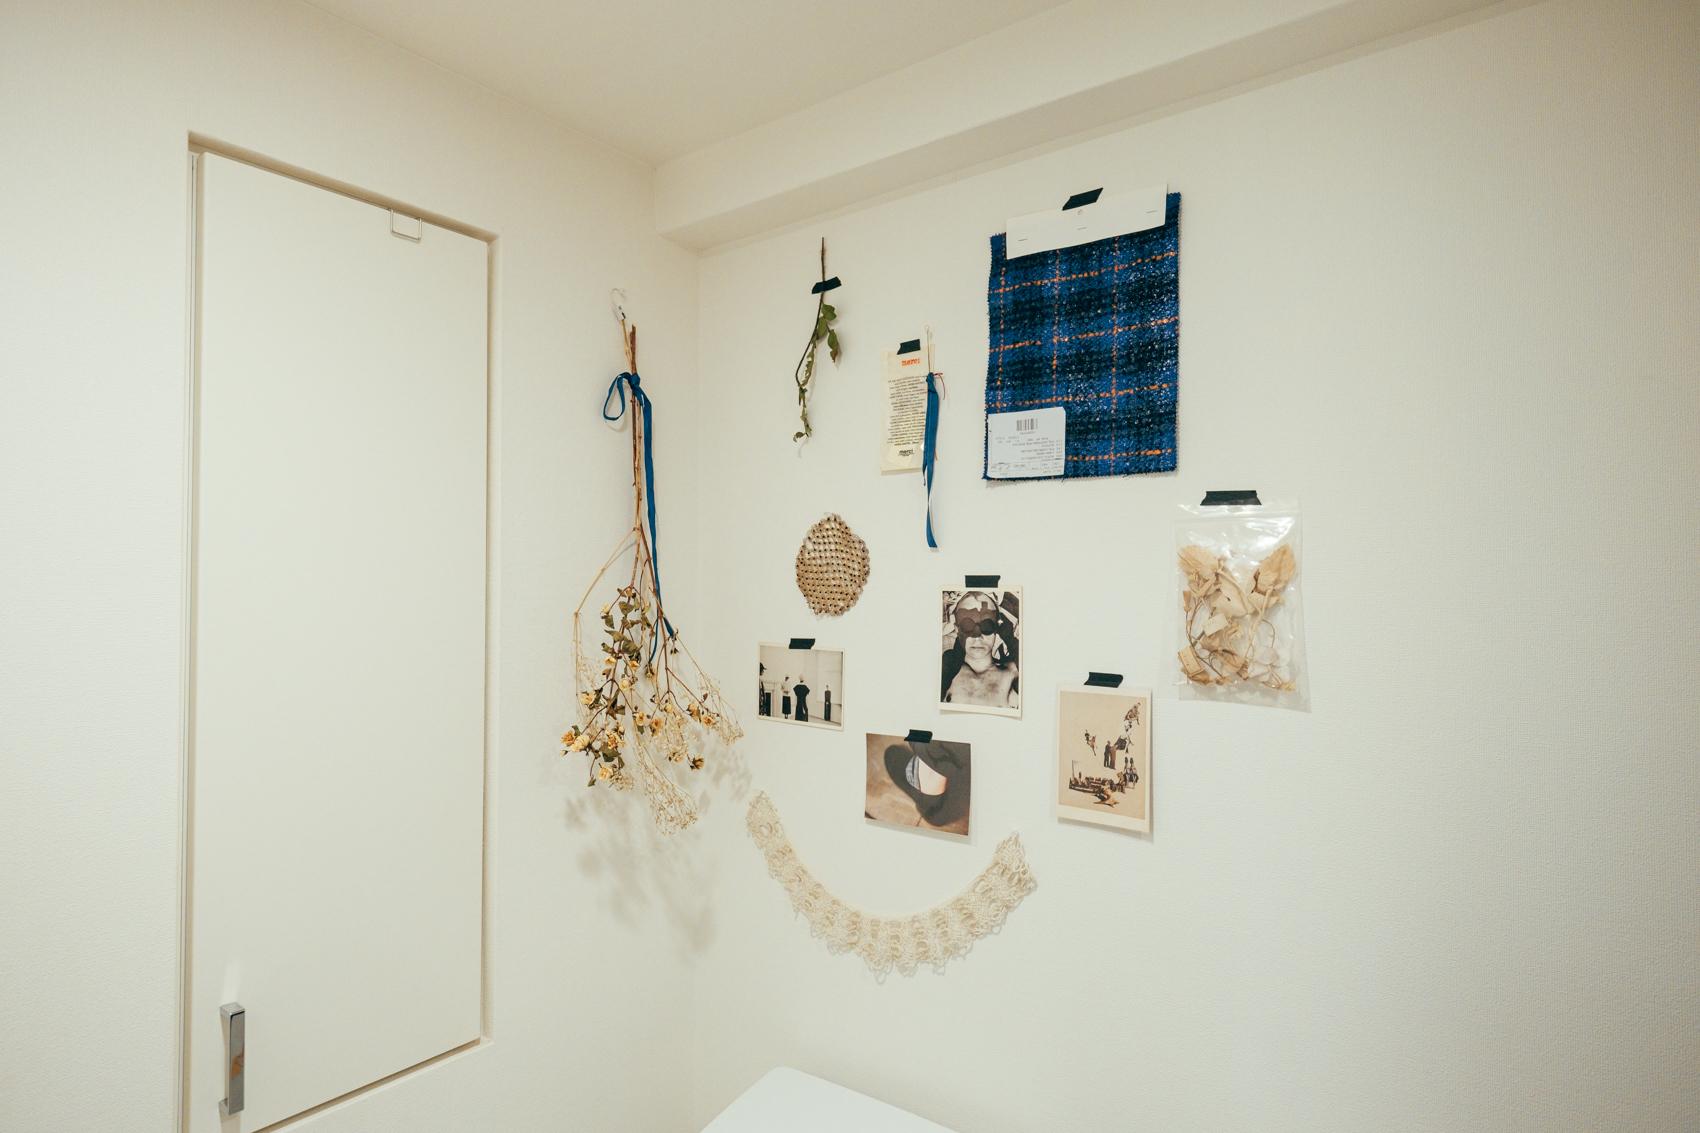 吊るすだけでなく、壁はマスキングテープなどで貼ることによっても上手く活用されていました。